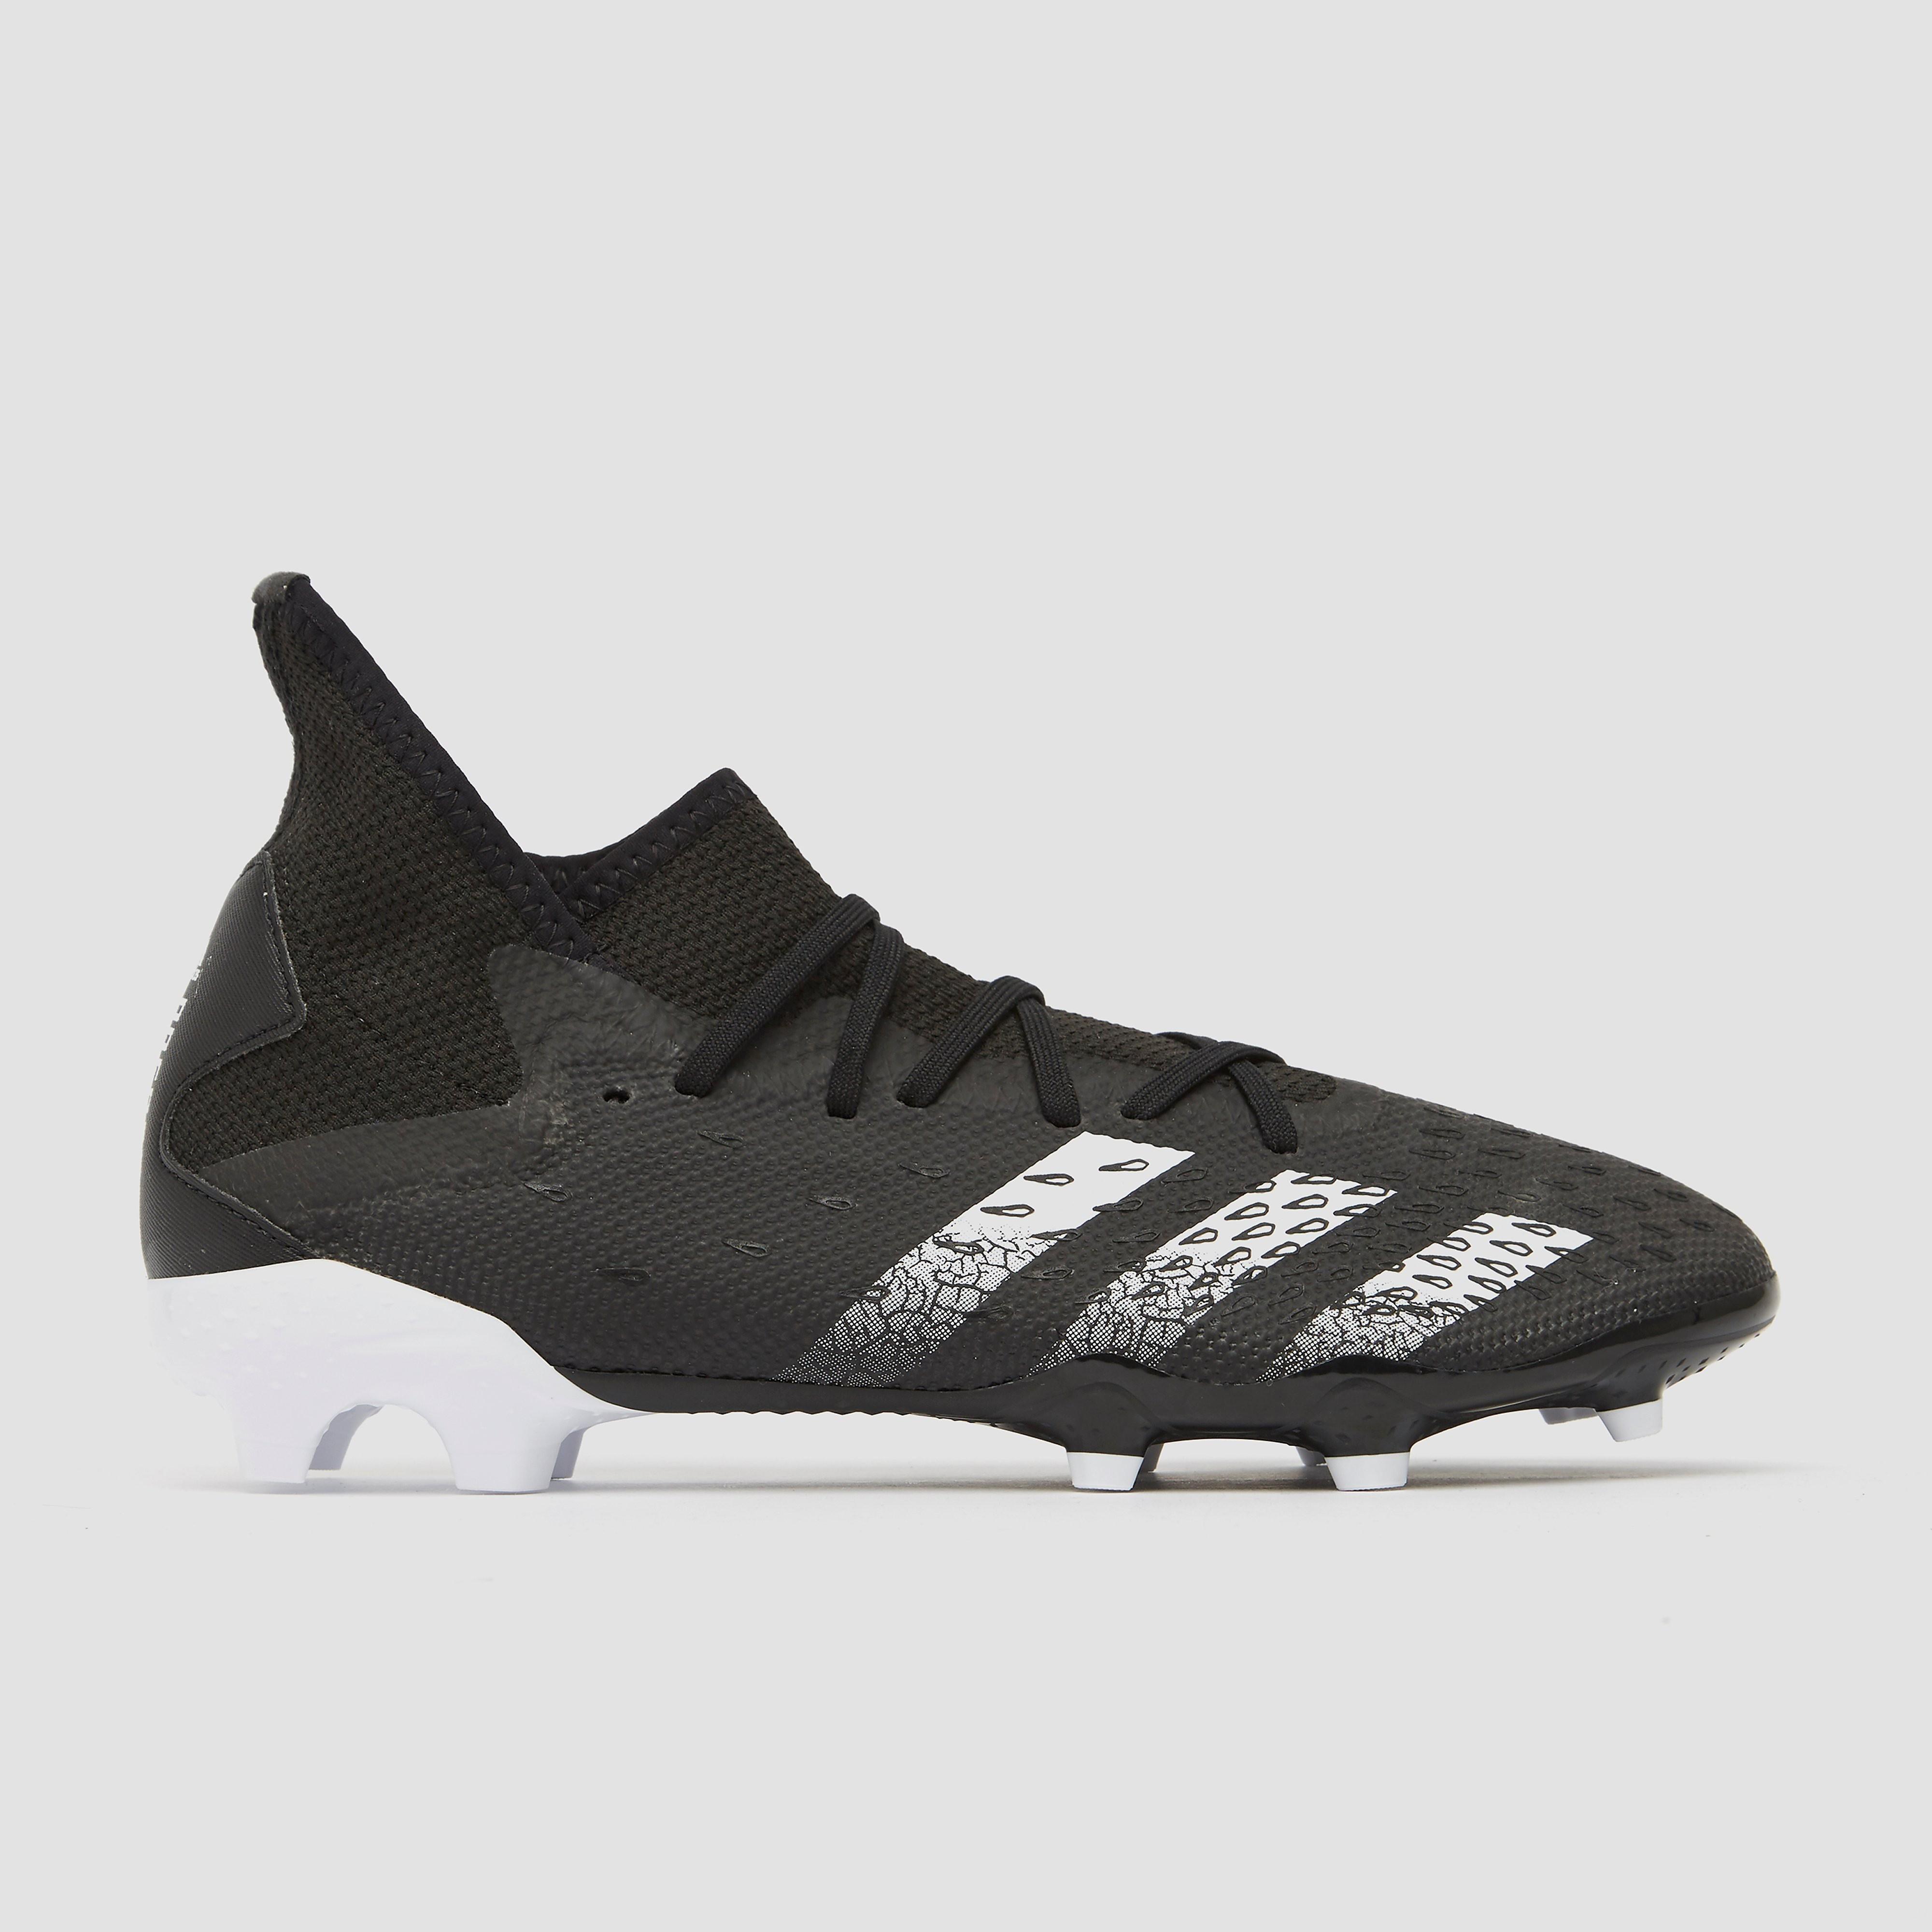 Adidas Predator freak.3 fg voetbalschoenen zwart Dames